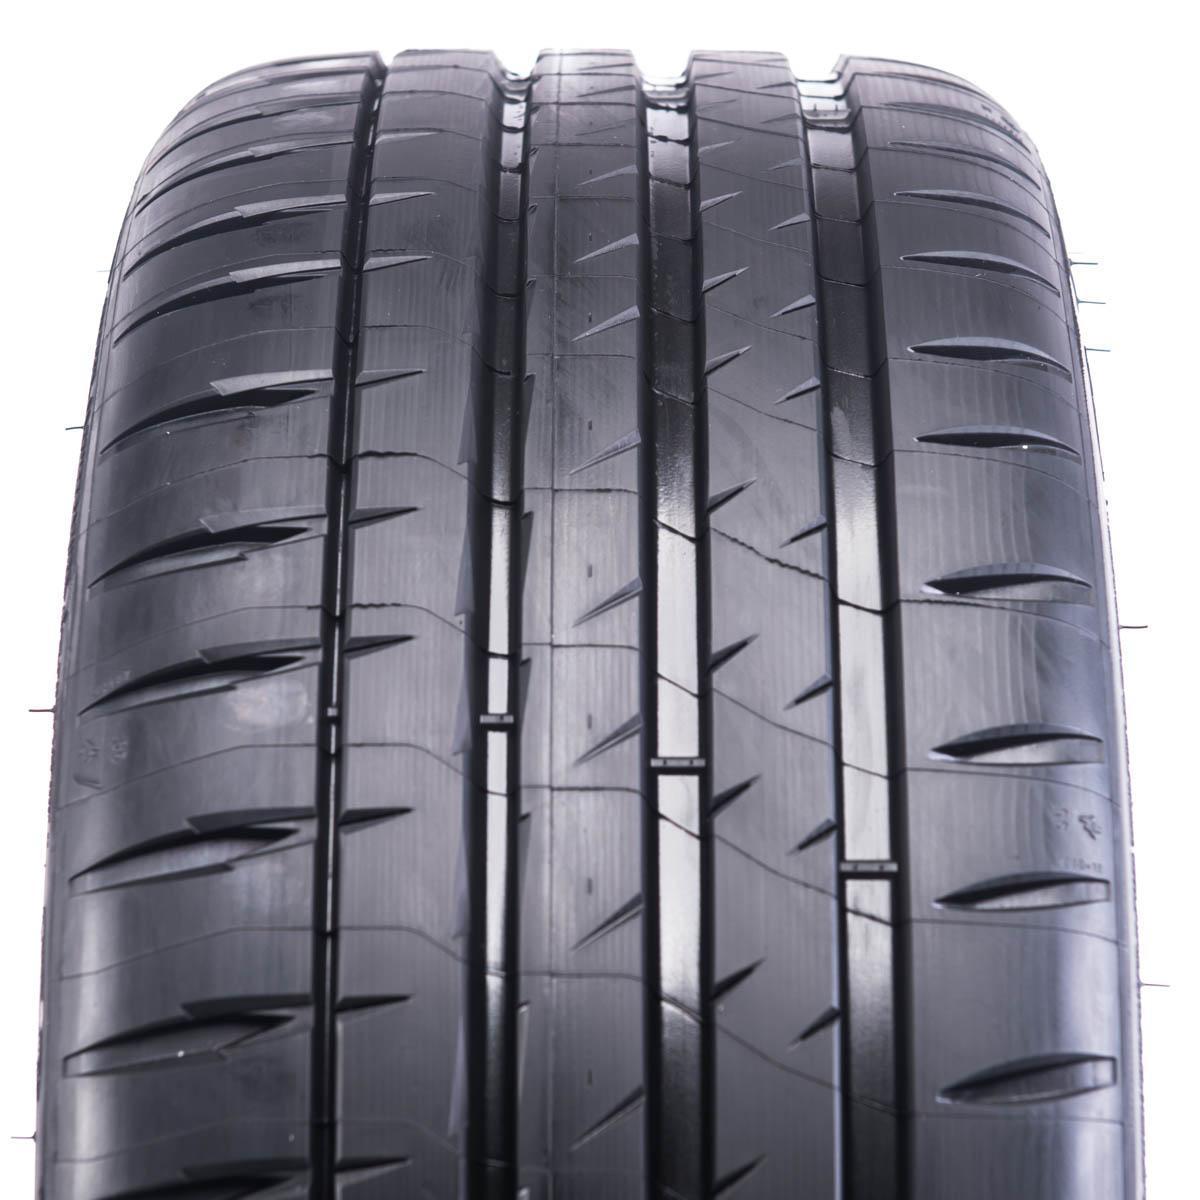 Michelin Pilot Sport 4 S - zdjęcie dodatkowe nr 1